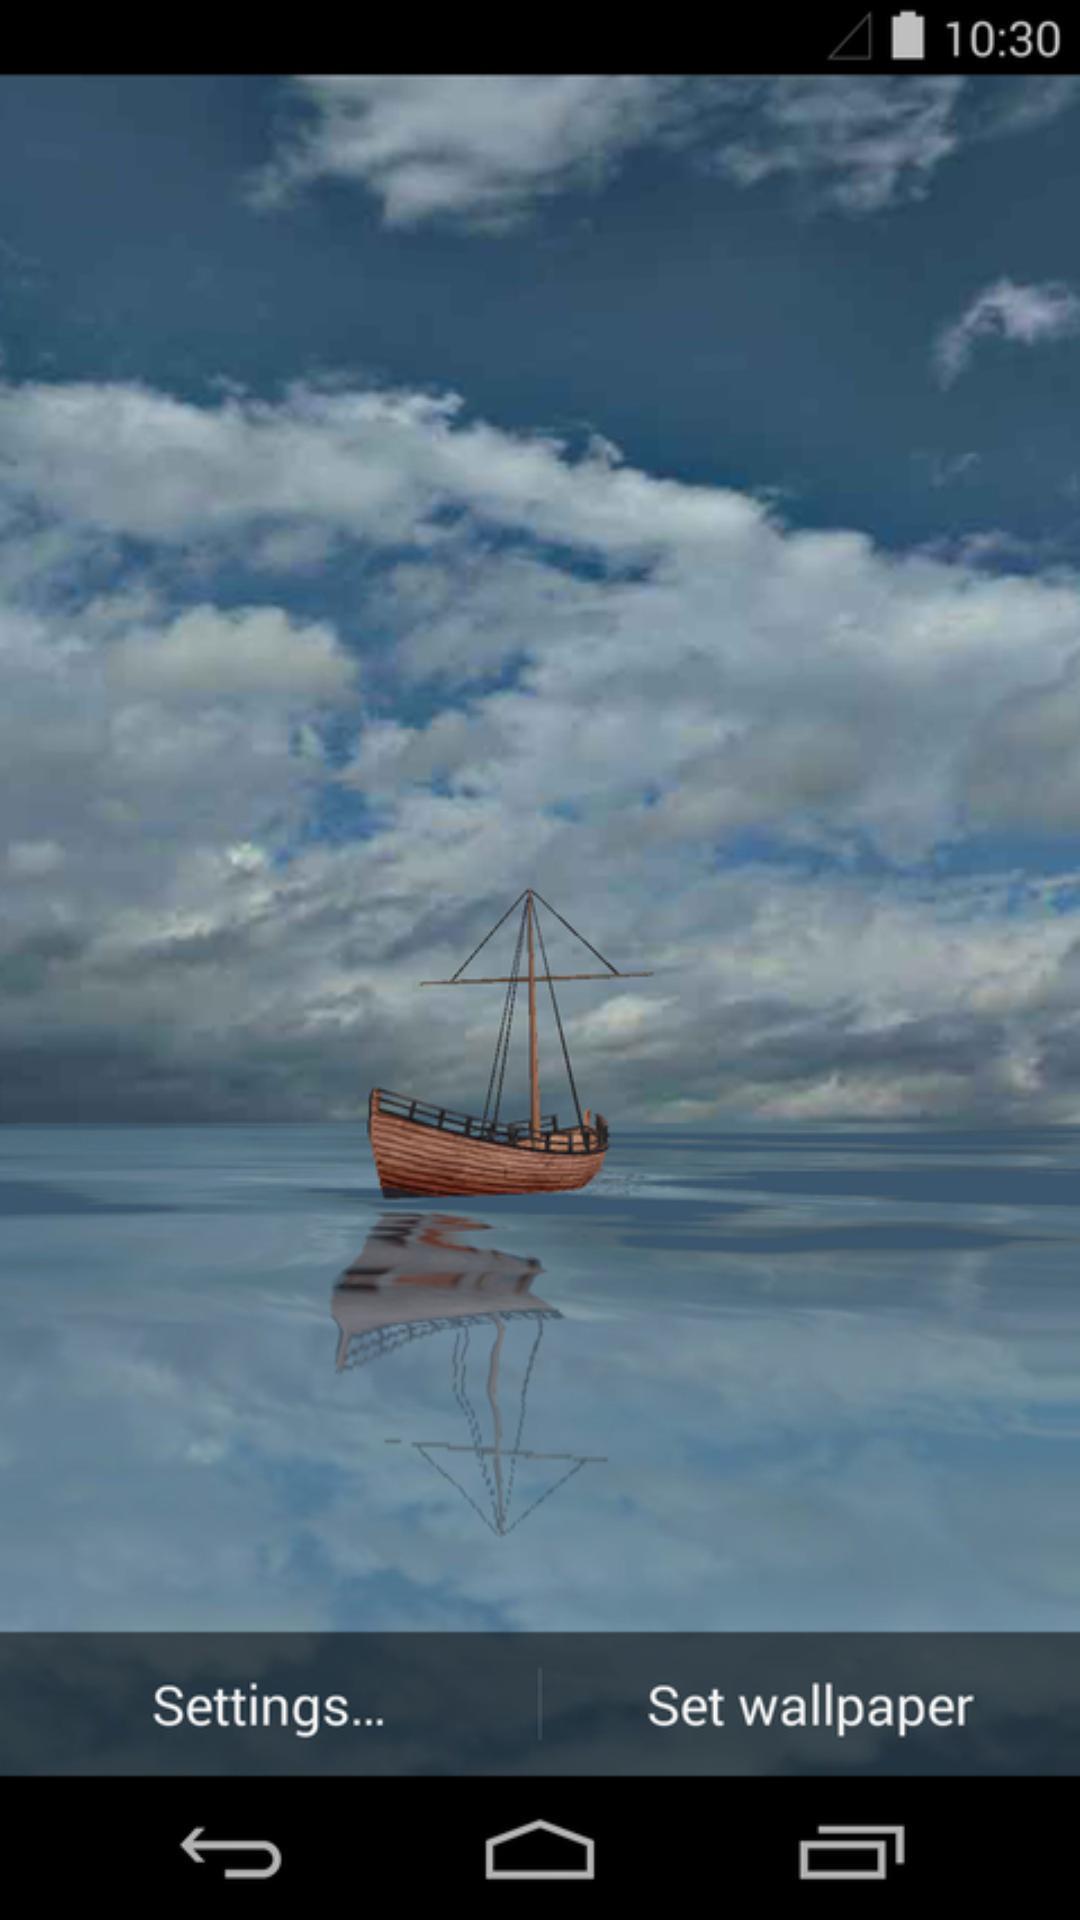 在一望无垠的大海上,有一艘木质帆船在晃动的海面四处漂流,阳光不是很